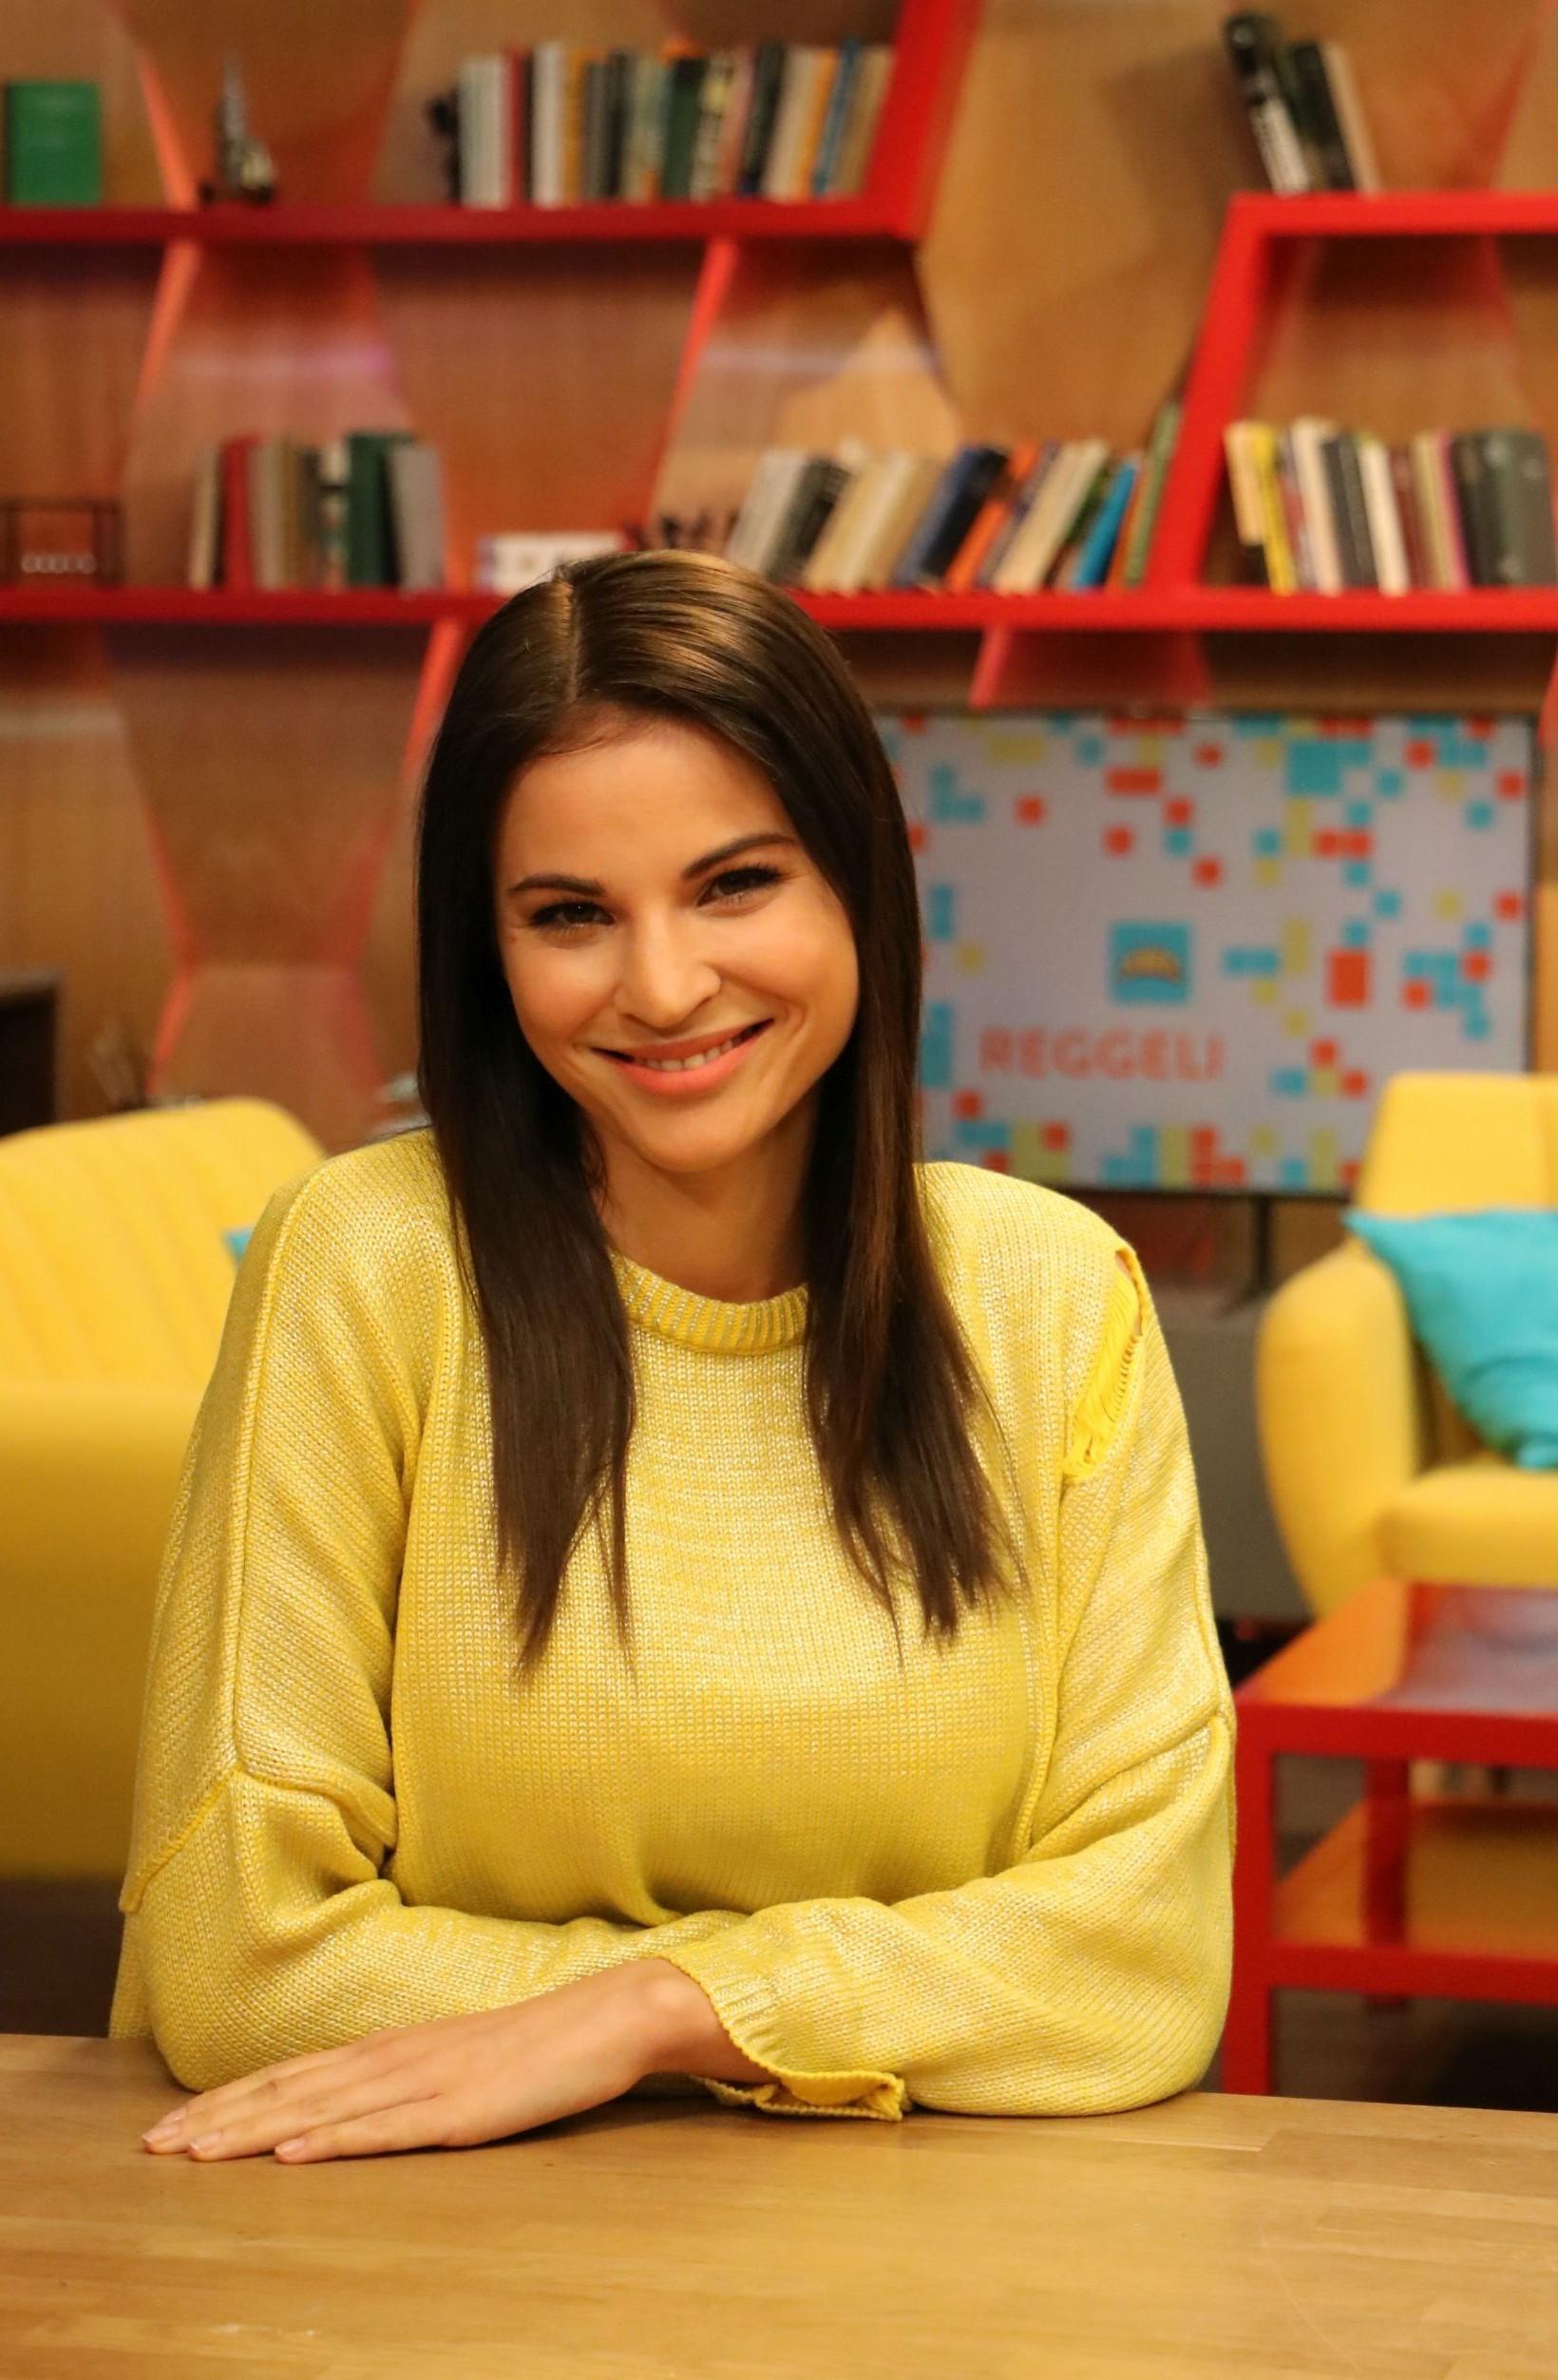 Nádai Anikó a Reggeliben (Fotó: RTL Klub)